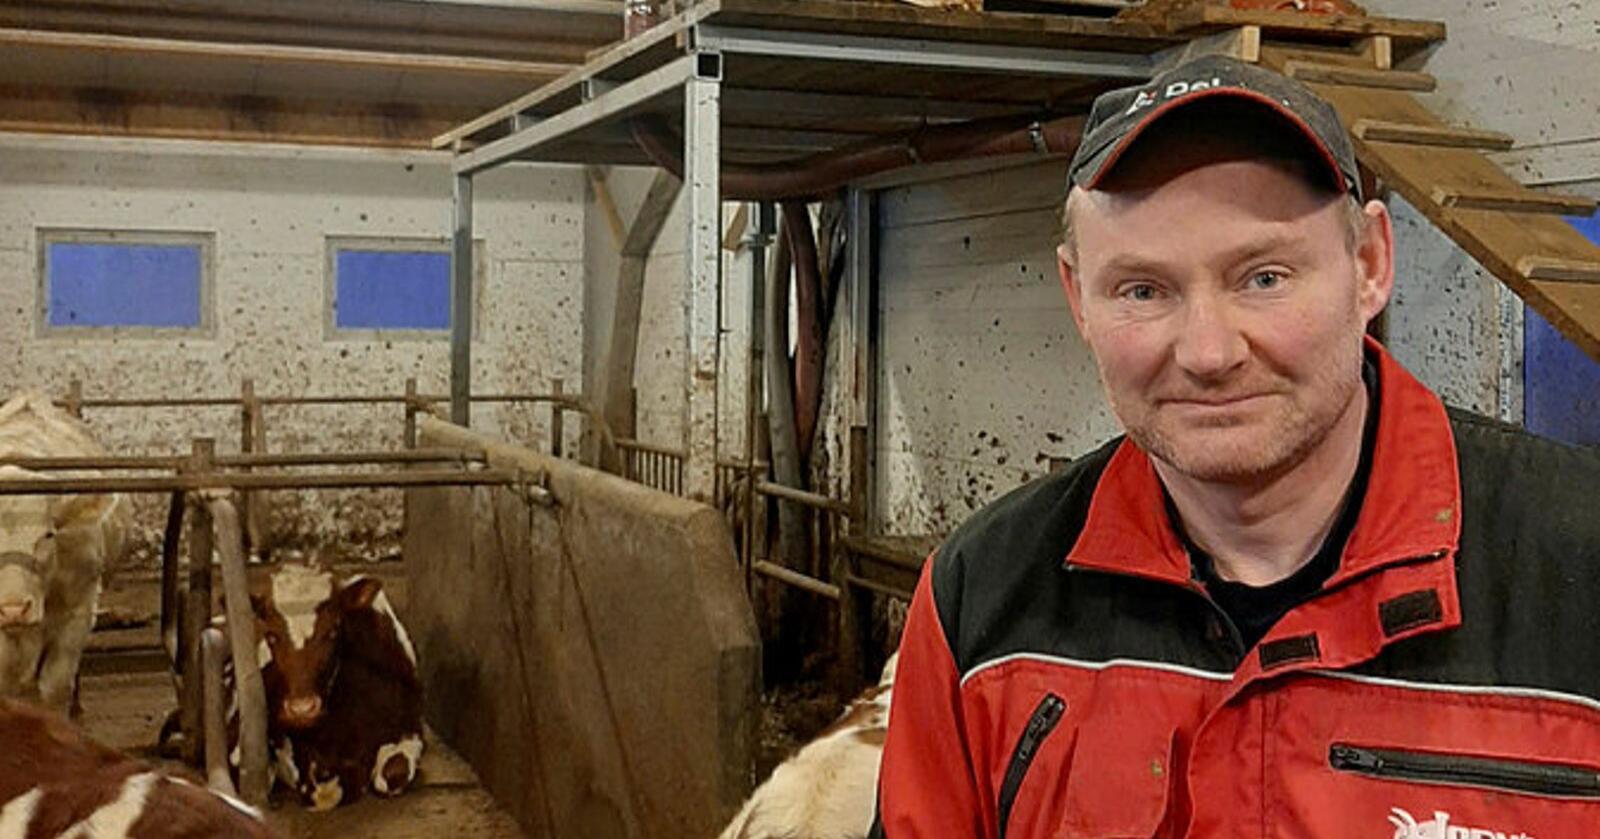 Melkeprodusent Sigurd Johnsen installerte i fjor høst et gjødselsepareringsanlegg på gården. Dette skal separere drøyt 4000 kubikkmeter blautgjødsel i året.